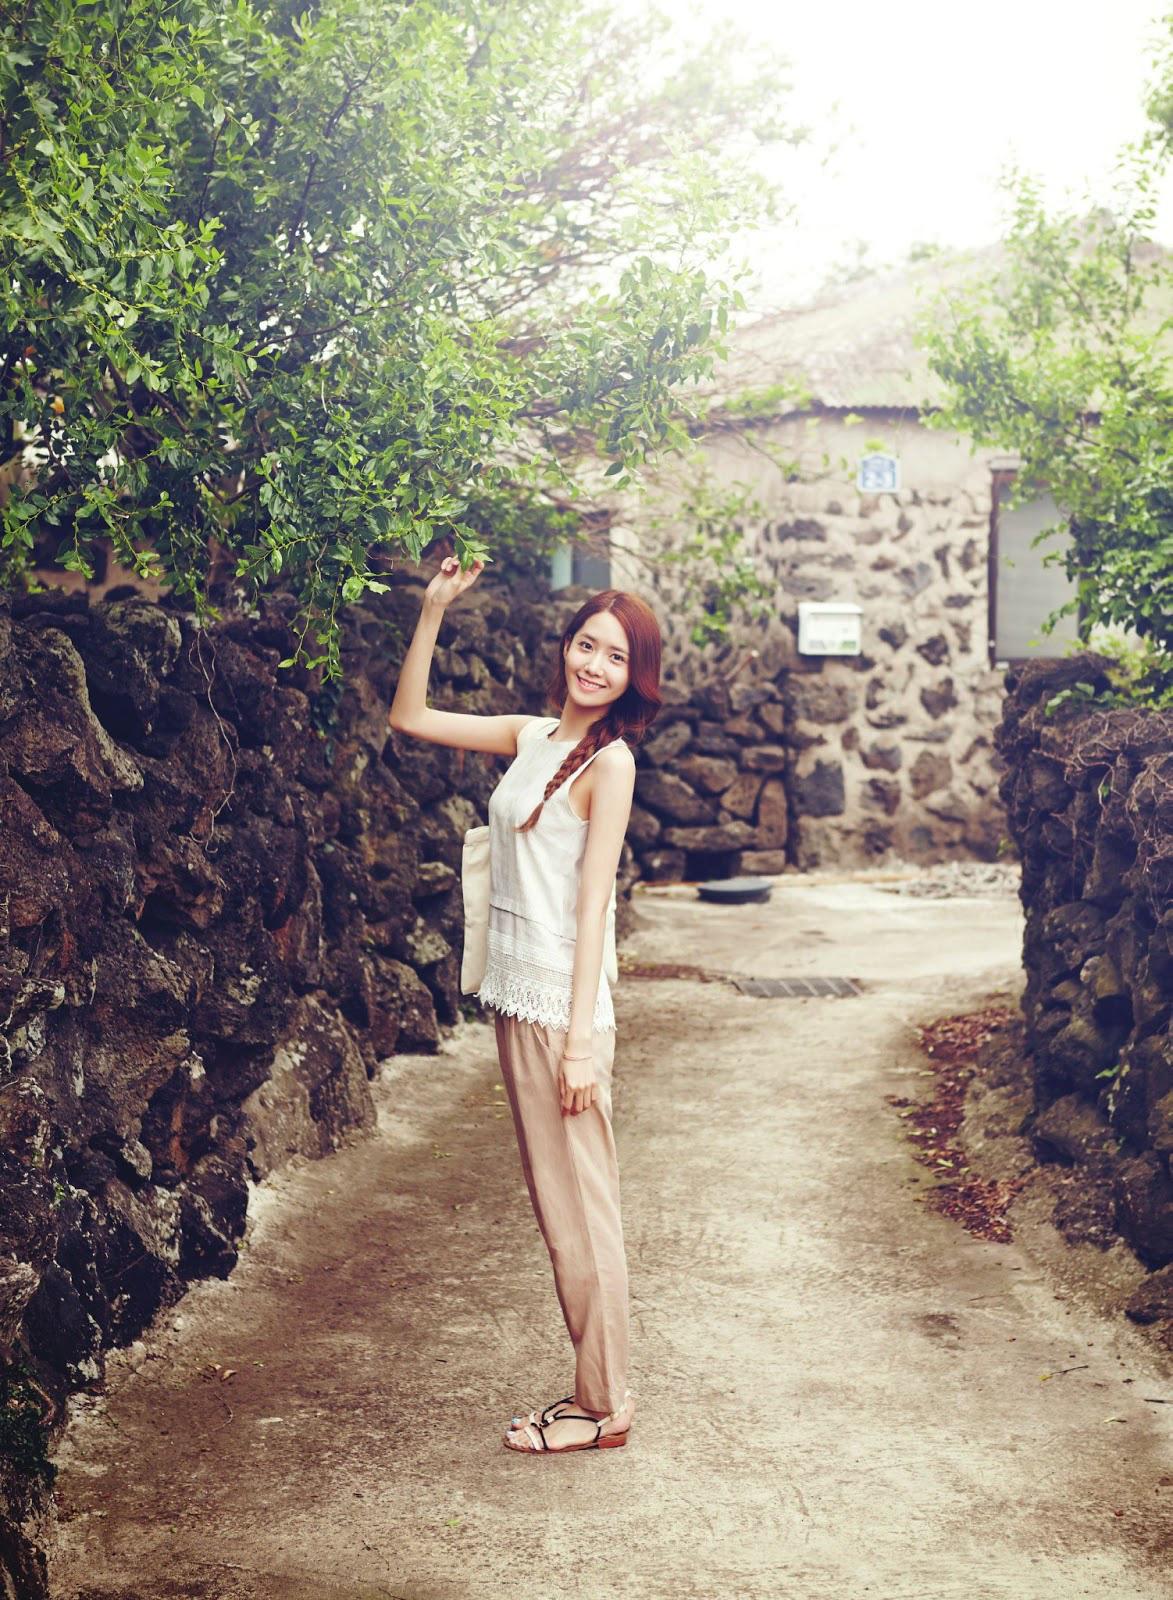 Yoona tạm biệt thương hiệu innisfree sau 11 năm gắn bó: Mãi là đại sứ thanh xuân tuyệt vời nhất - Ảnh 11.